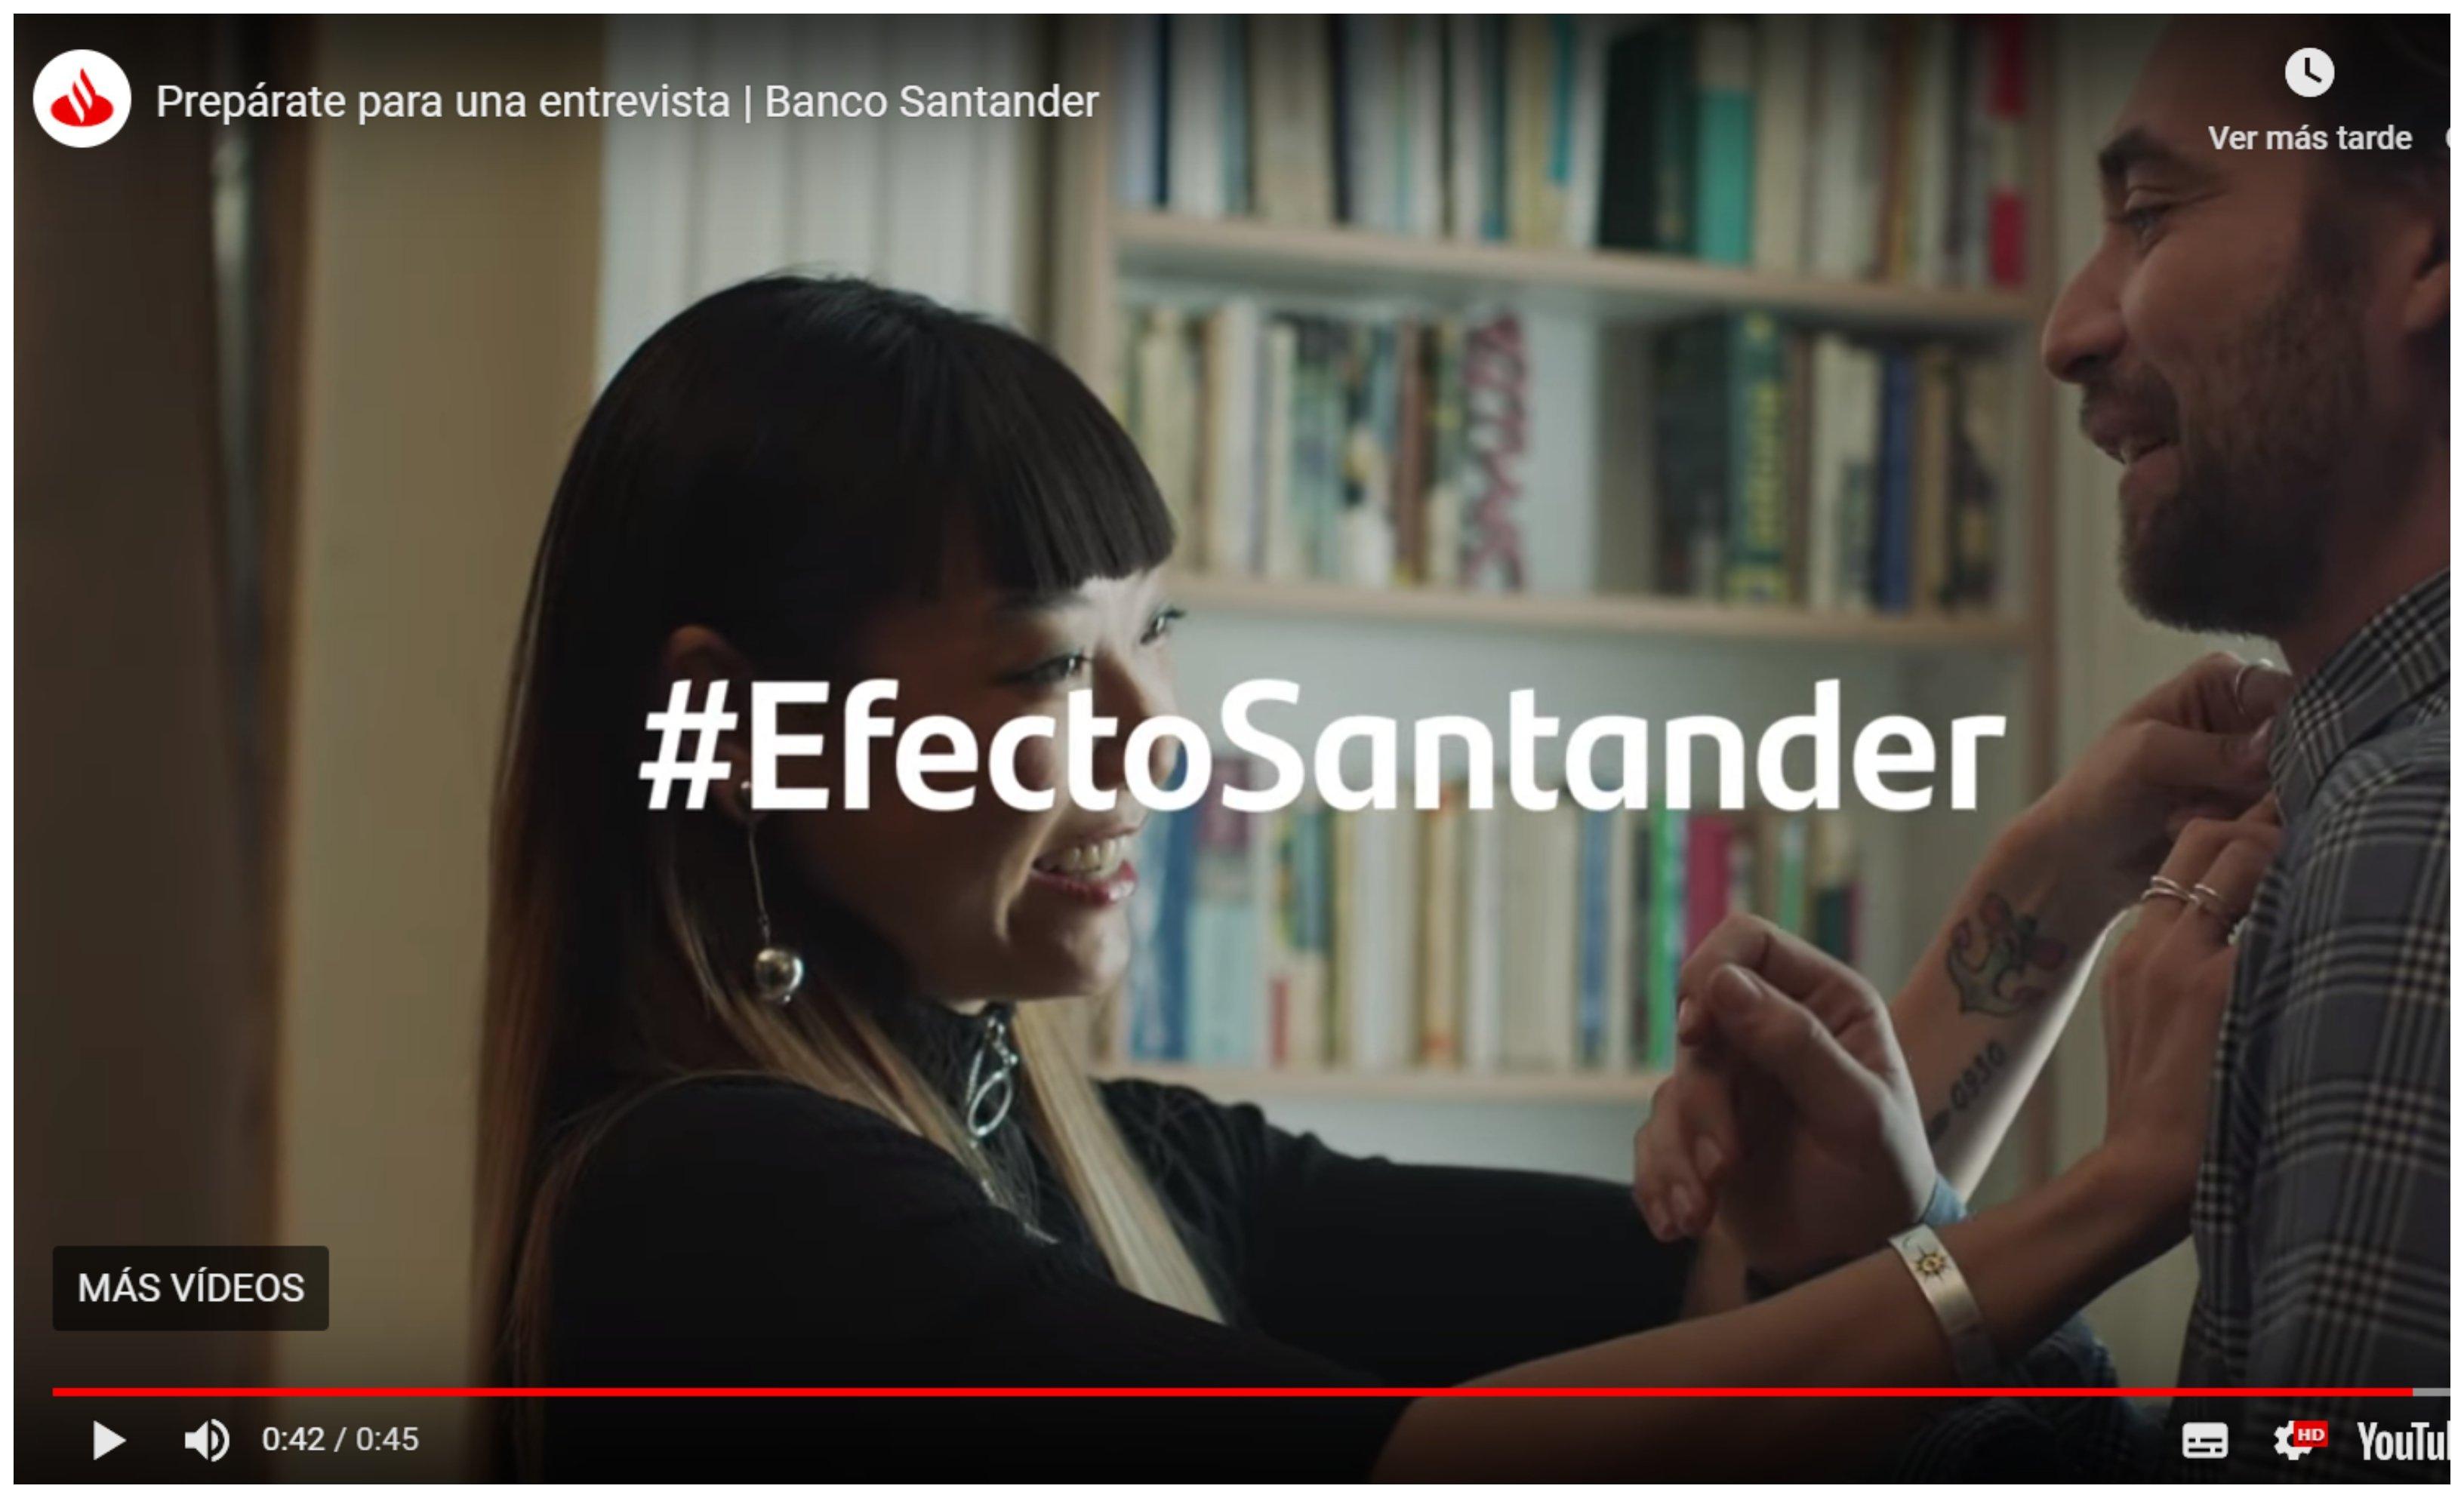 Campaña del banco Santander para contratación de personal